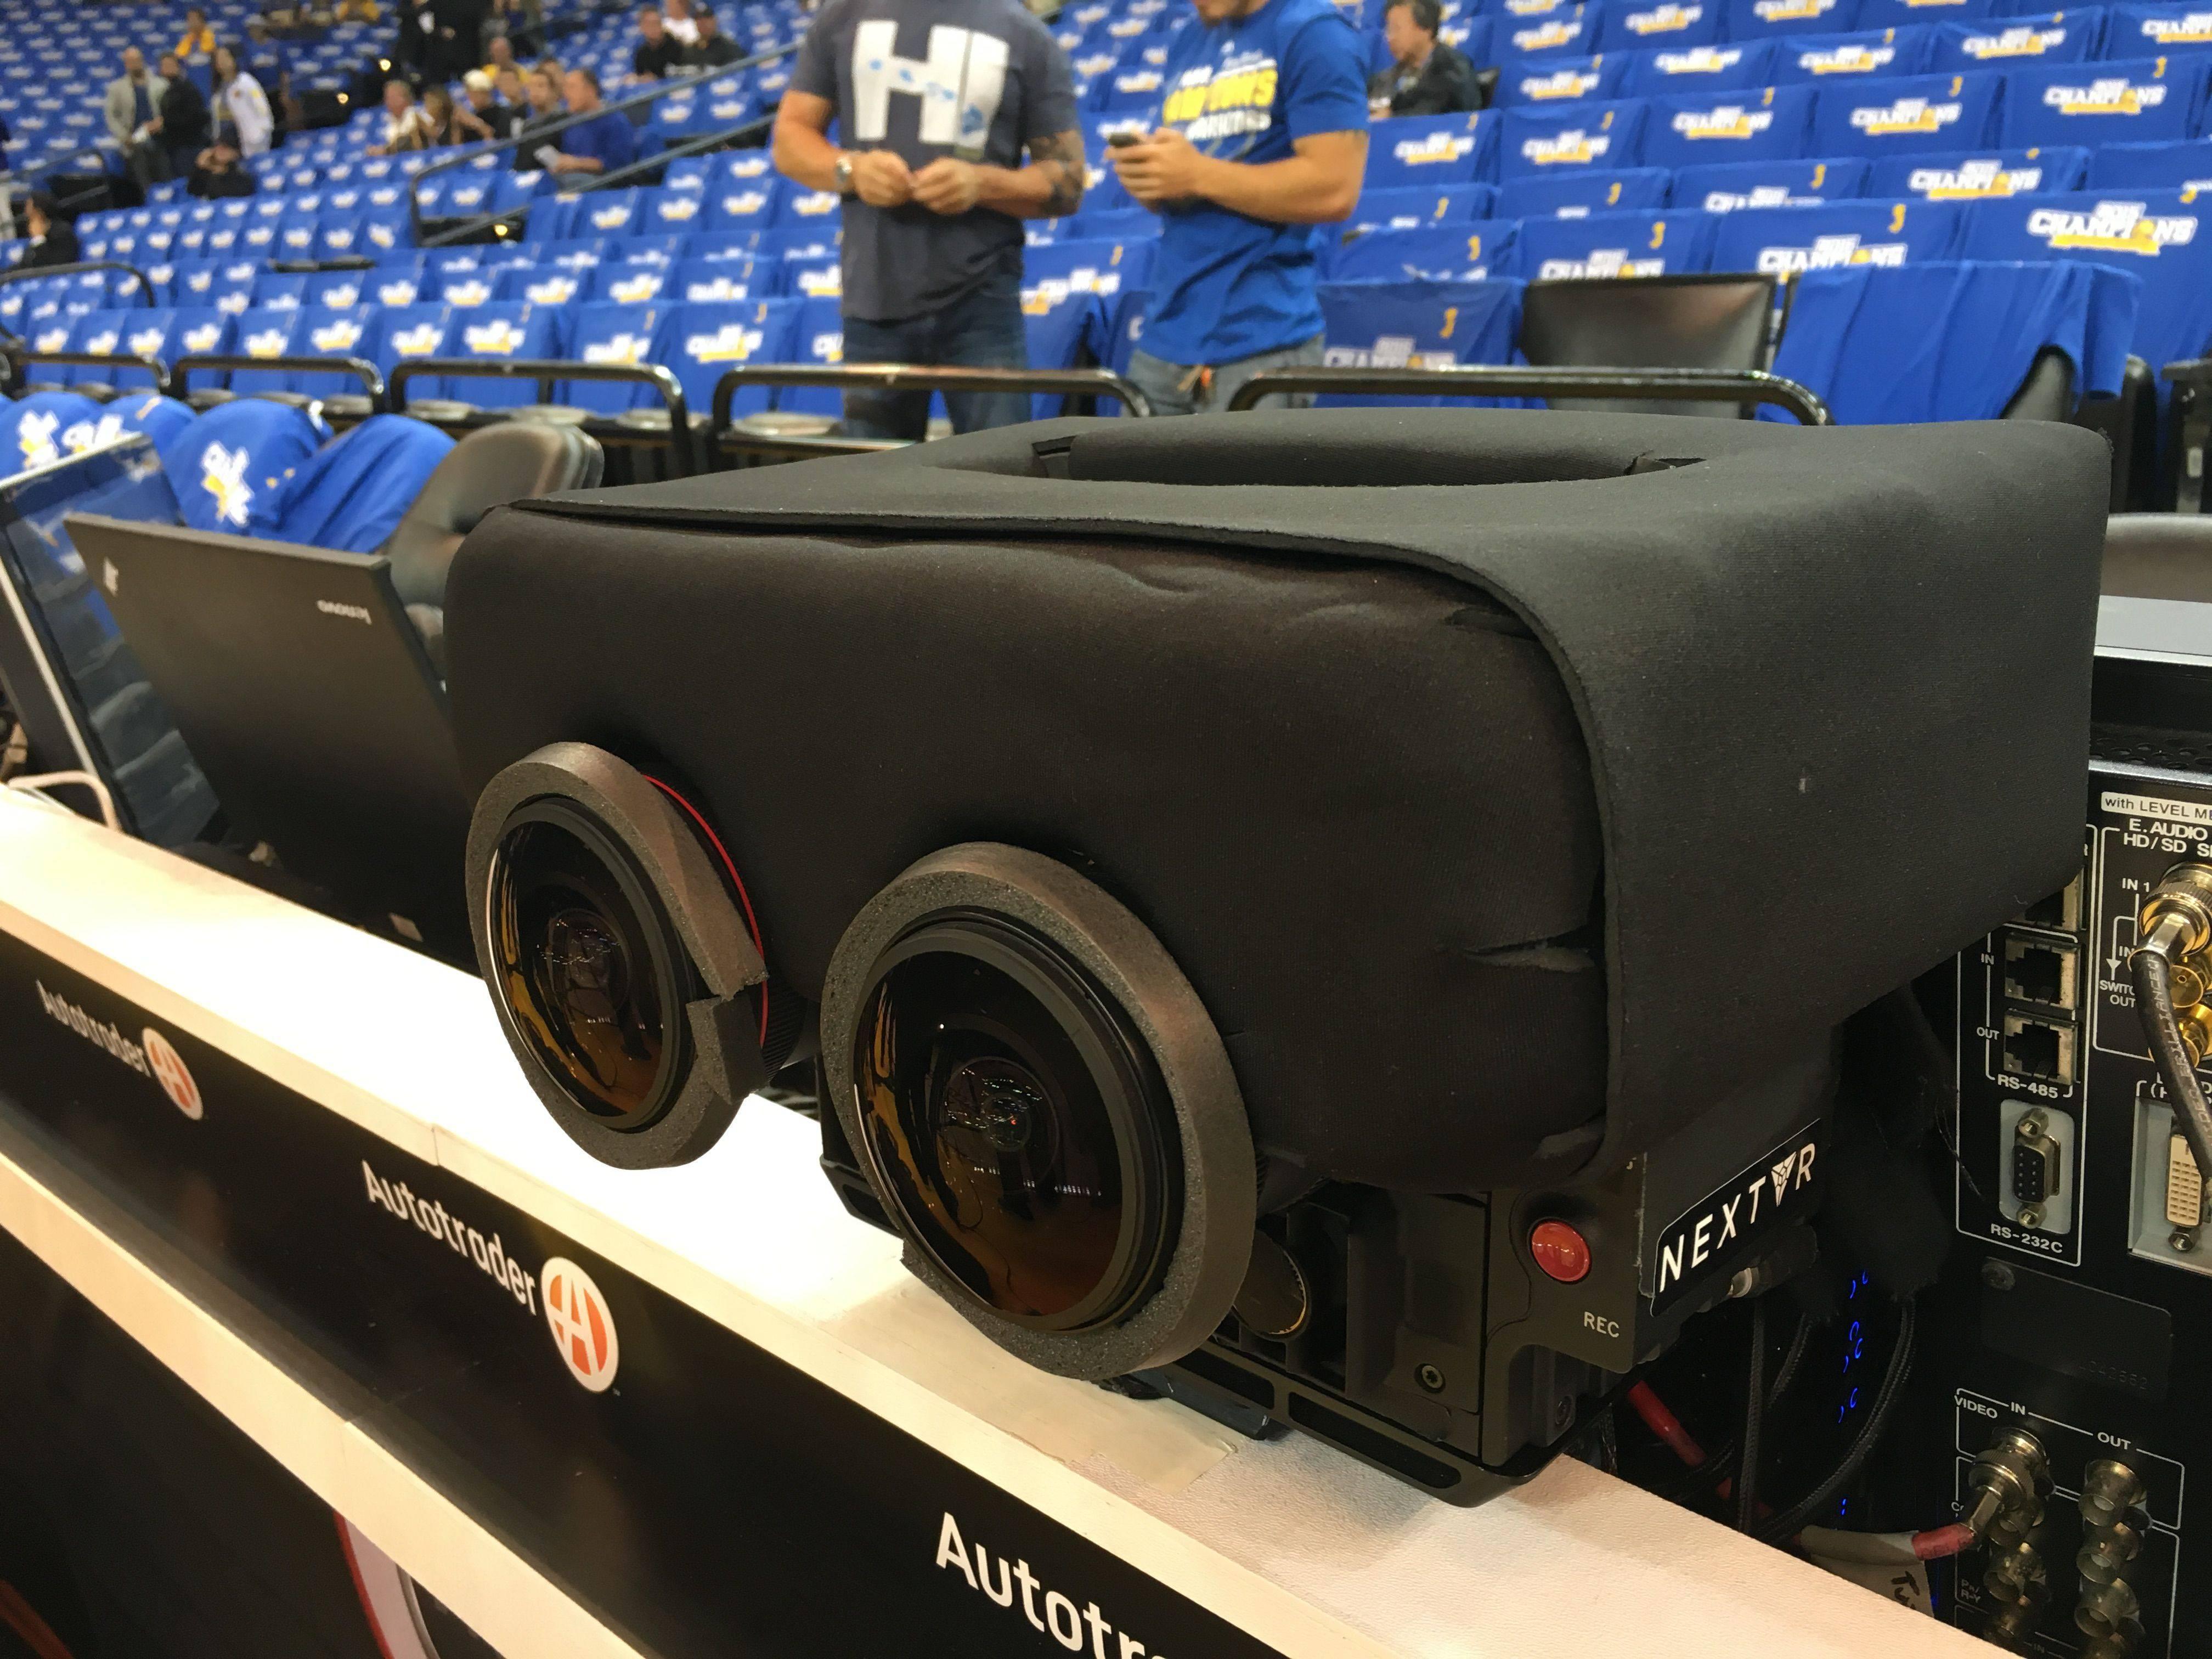 【第2编辑室】今天勇士VS鹈鹕的揭幕战,NBA第一次用了虚拟现实直播